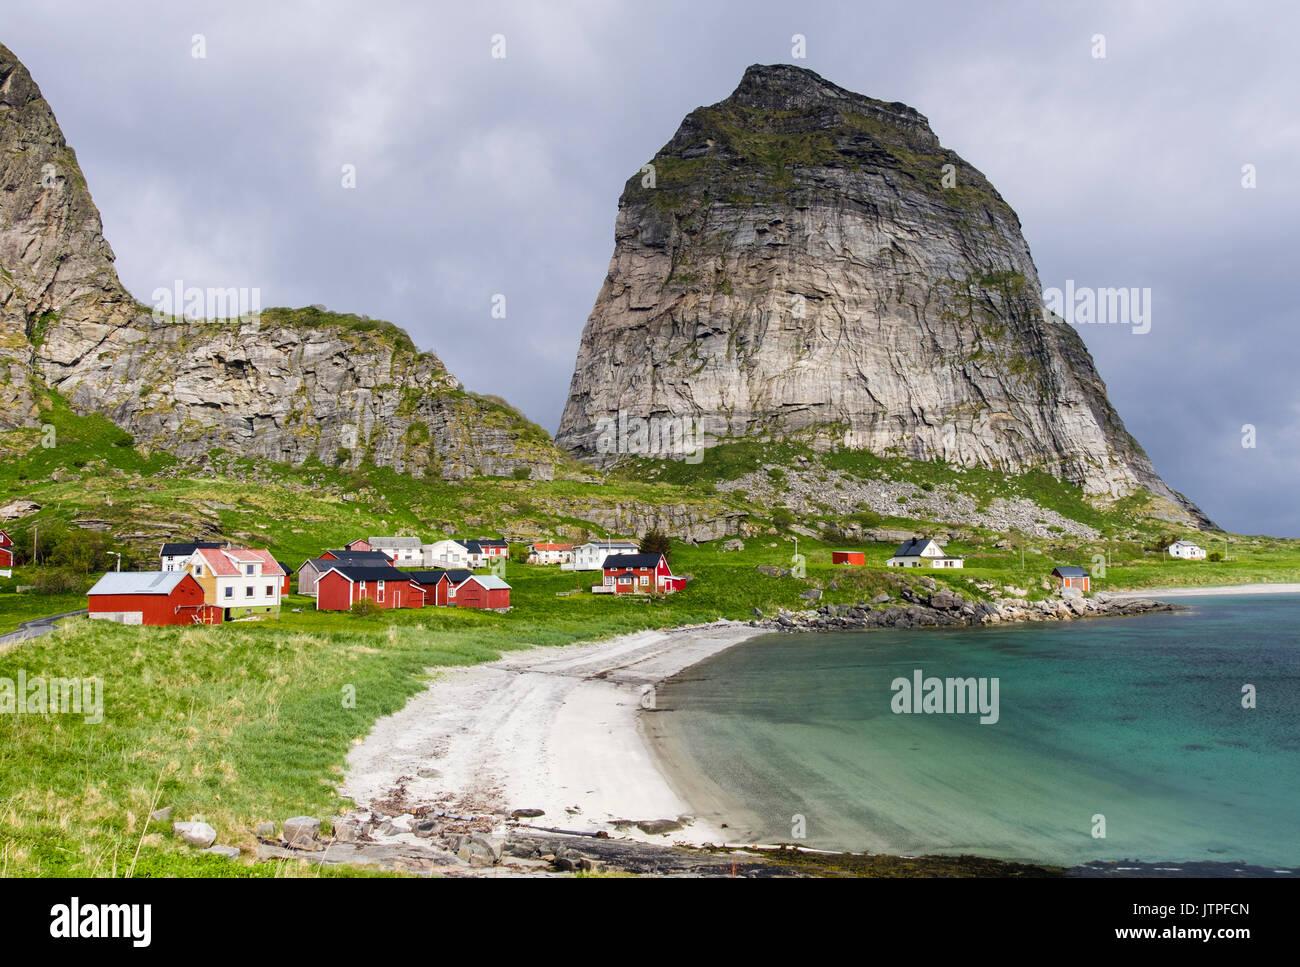 Une vieille Sanna, ancien village de pêcheurs maisons ci-dessous Traenstaven montagne en été sur l'île de Sanna, Traena, comté de Nordland, Norvège, Scandinavie Photo Stock